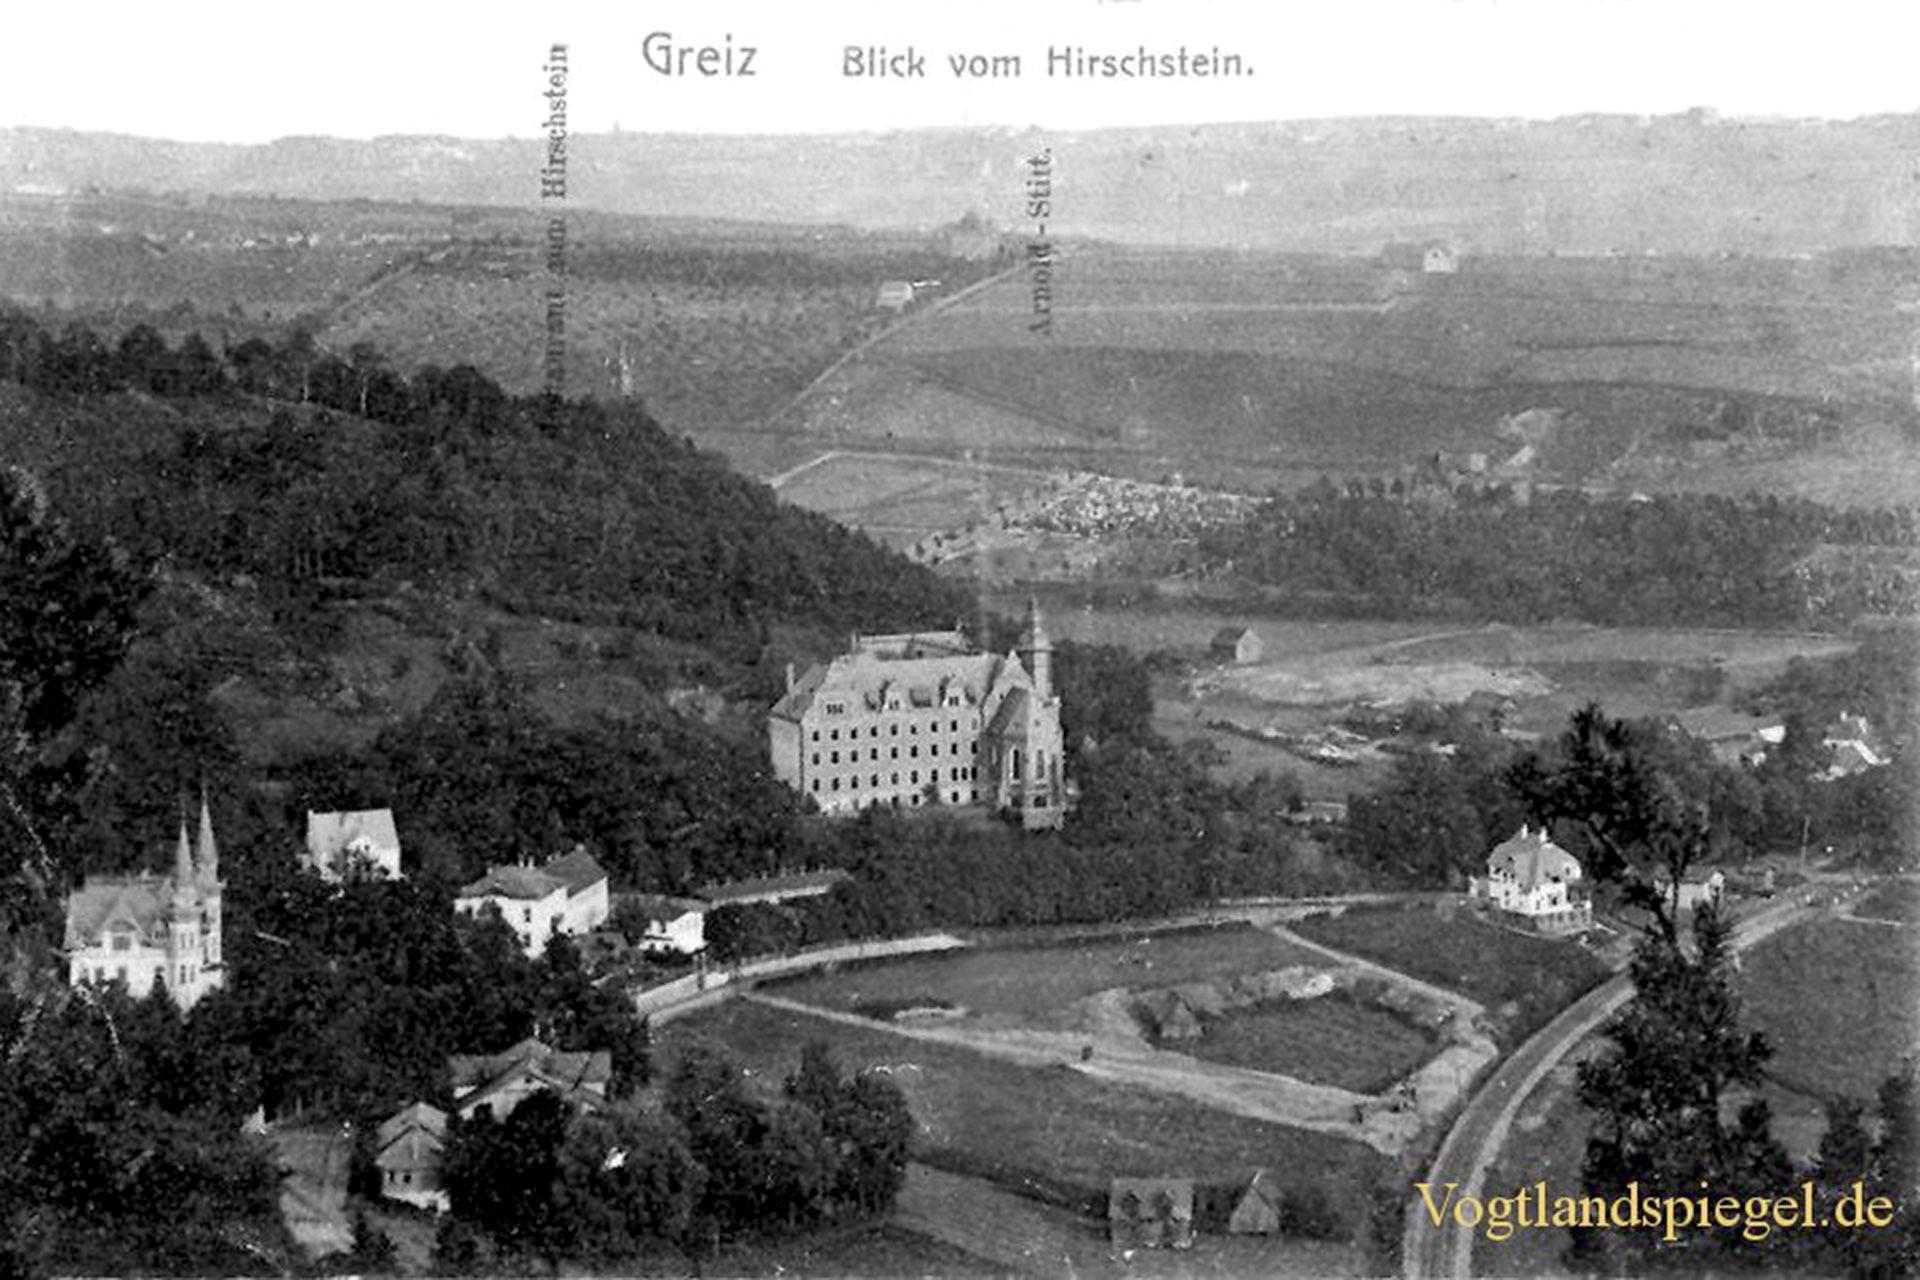 Der Hirschstein